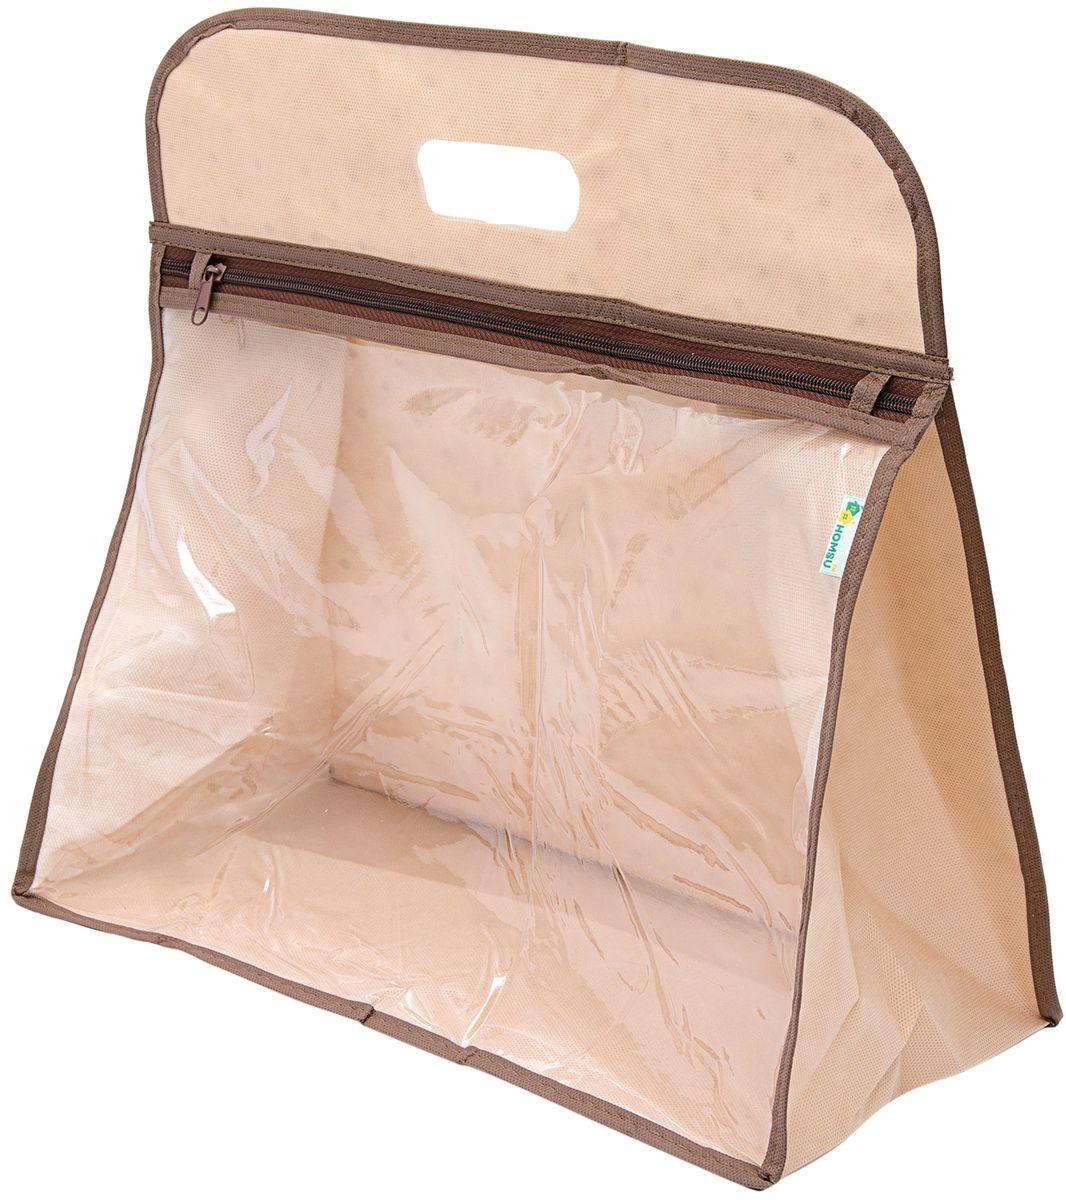 Чехол для сумки Homsu, 40 x 40 x 20 смHOM-806Чехол для сумки застегивается на молнию, имеет прозрачное окно, благодаря которому, можно видеть содержимое. Такой чехол защитит сумку от пыли, влаги и повреждений и поможет продлить срок ее службы.